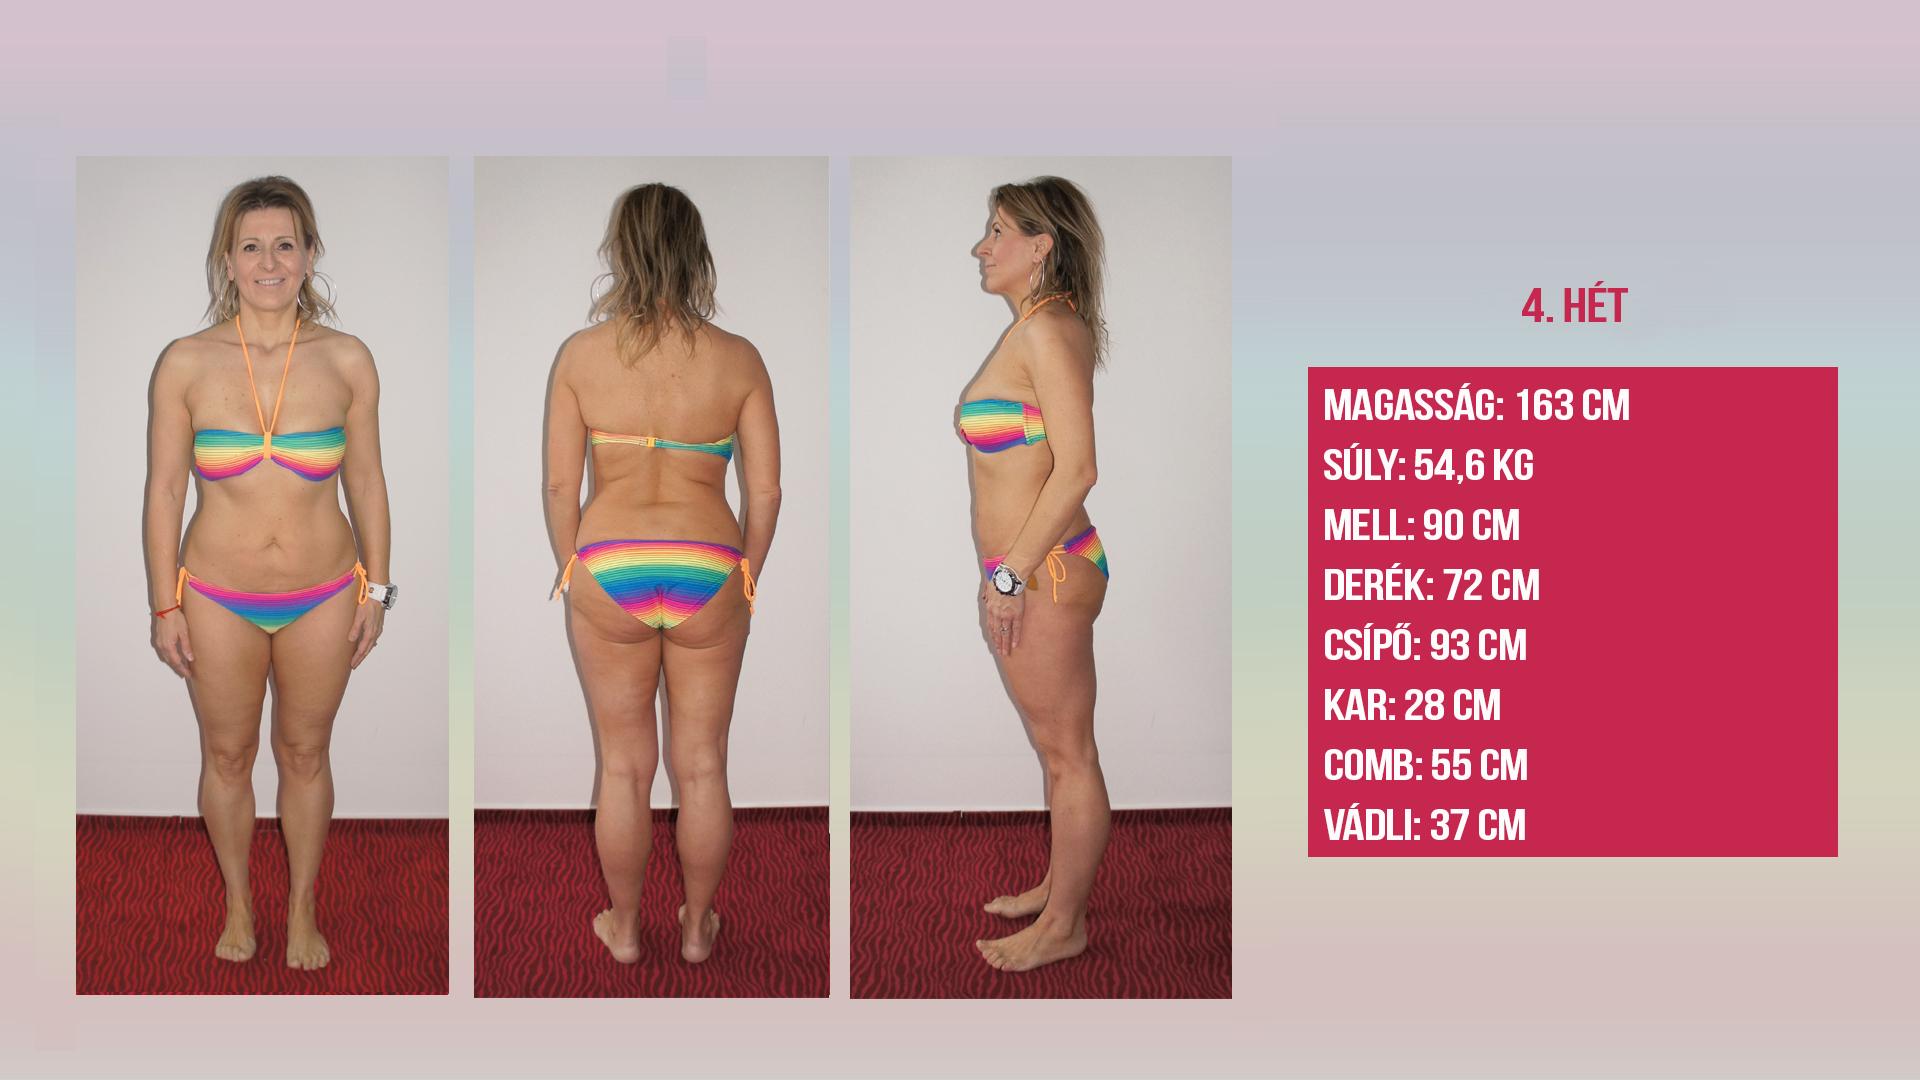 Férje fogyni akarja, Ez a szexi nő 45 kilót fogyott a férje szeretője miatt